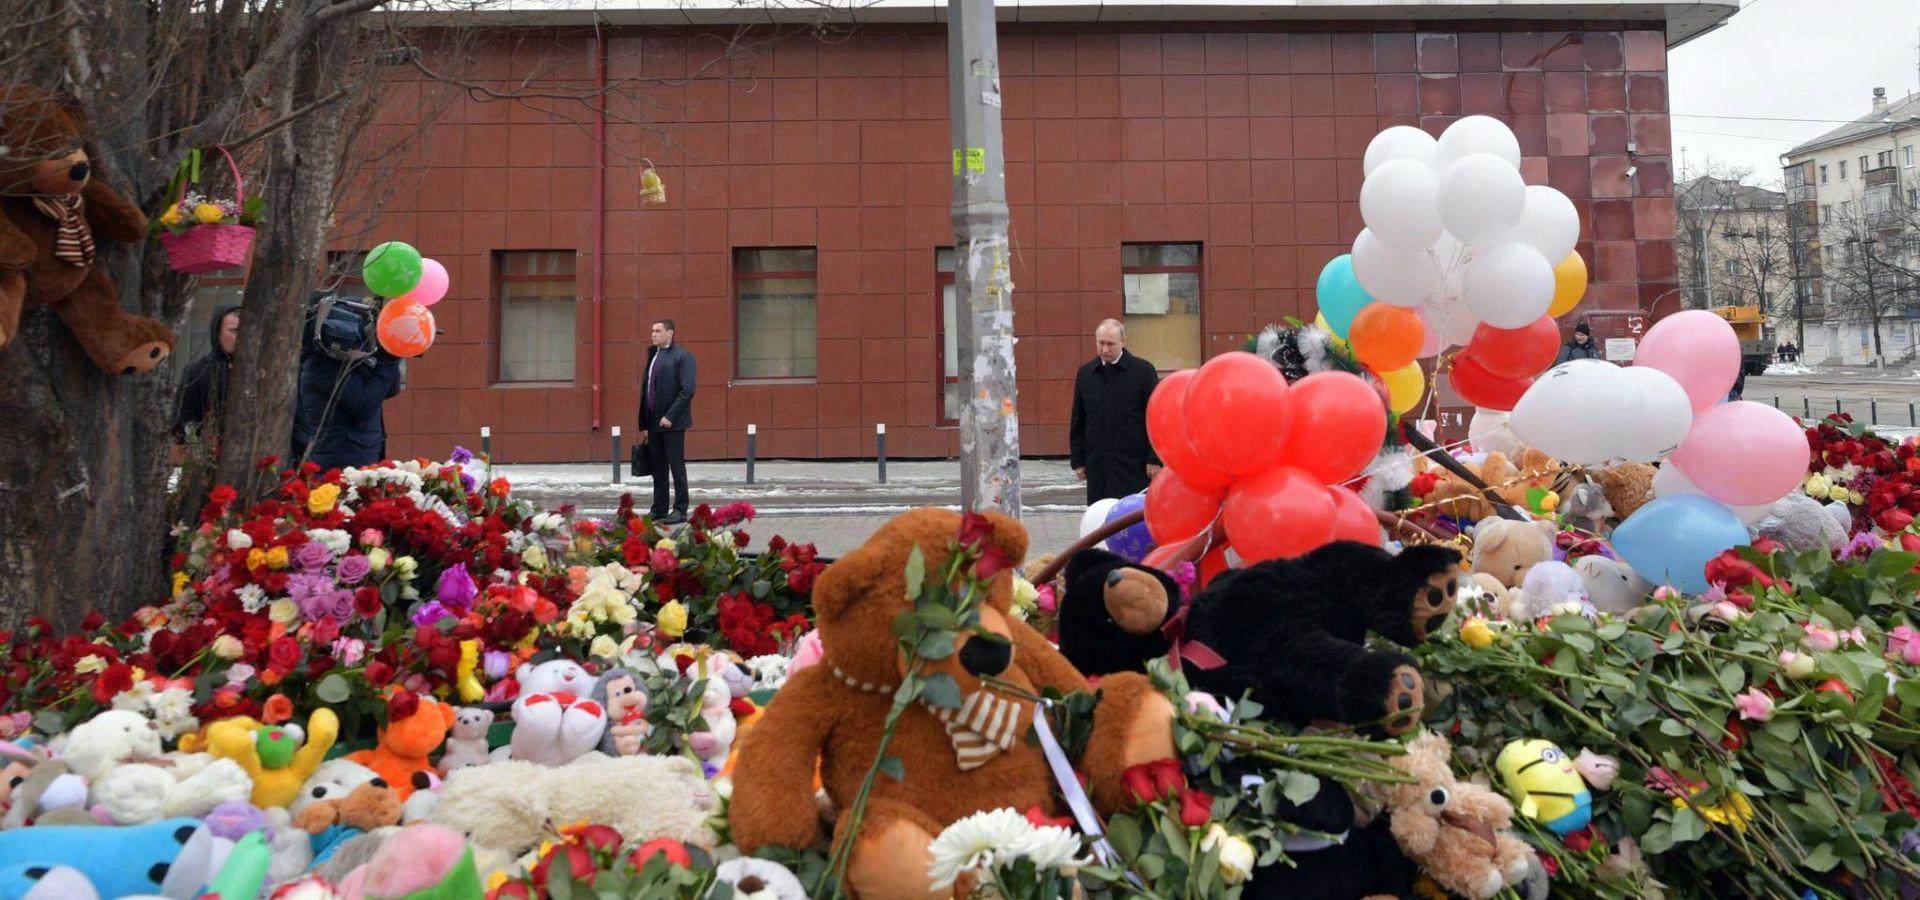 U požaru u trgovačkom centru poginulo 41 dijete